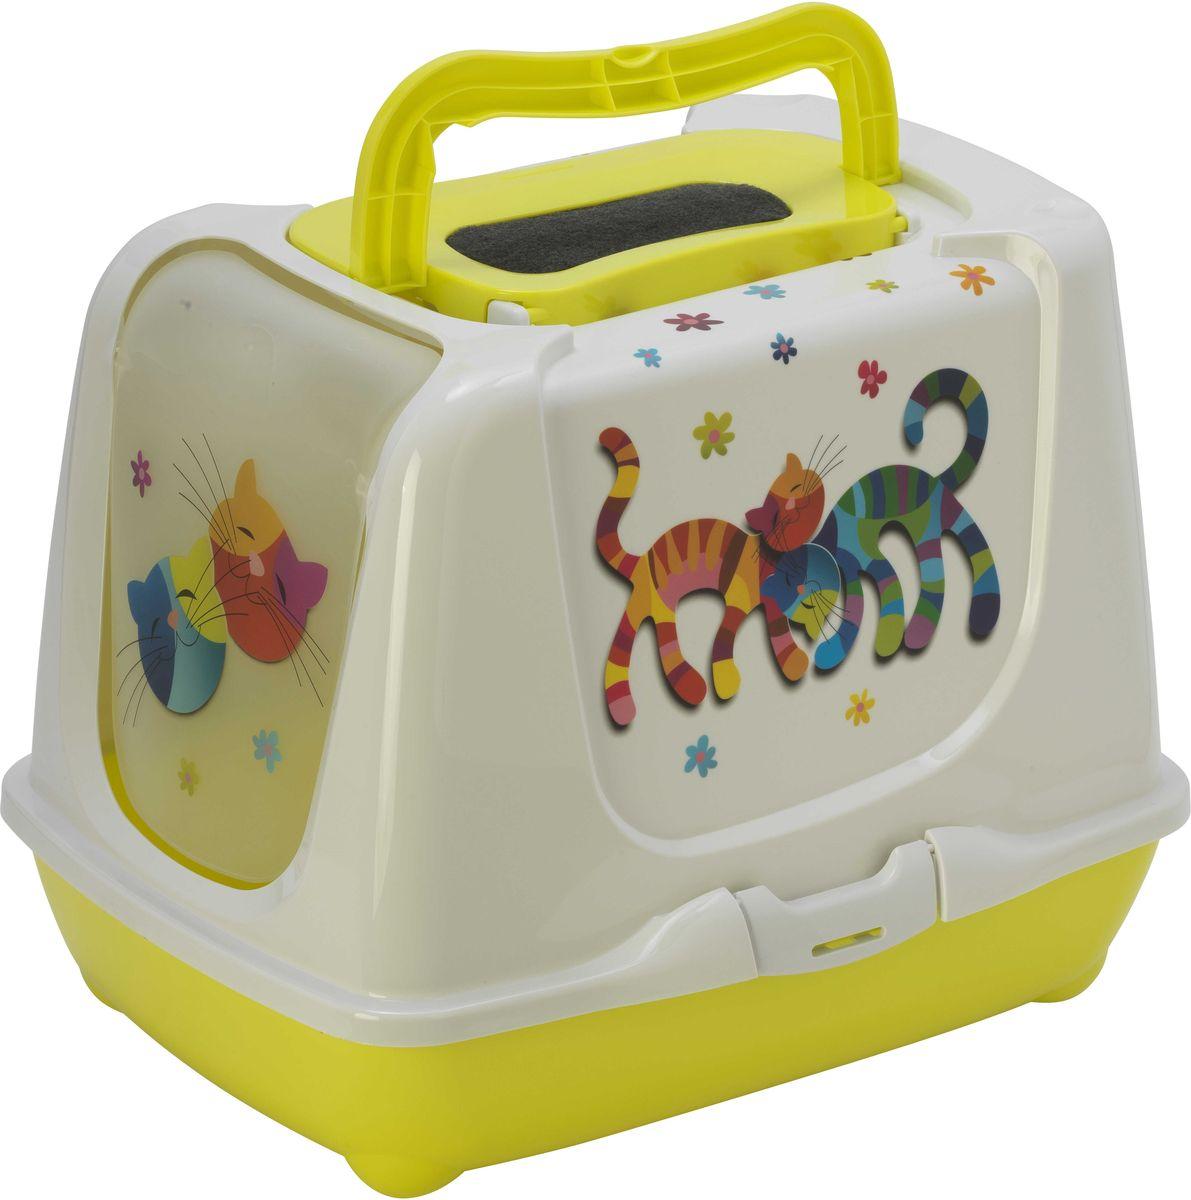 Туалет для кошек Moderna Trendy Cat. Друзья навсегда, закрытый, цвет: лимонный, 50 х 39,5 х 37,5 см991738Закрытый туалет для кошек Trendy Cat. Друзья навсегда выполнен из высококачественного пластика. Туалет оснащен прозрачной открывающейся дверцей, сменным фильтром и удобной ручкой для переноски. Такой туалет избавит ваш дом от неприятного запаха и разбросанных повсюду частичек наполнителя. Кошка в таком туалете будет чувствовать себя увереннее, ведь в этом укромном уголке ее никто не увидит. Кроме того, яркий дизайн с легкостью впишется в интерьер вашего дома. Туалет легко открывается для чистки благодаря практичным защелкам по бокам.